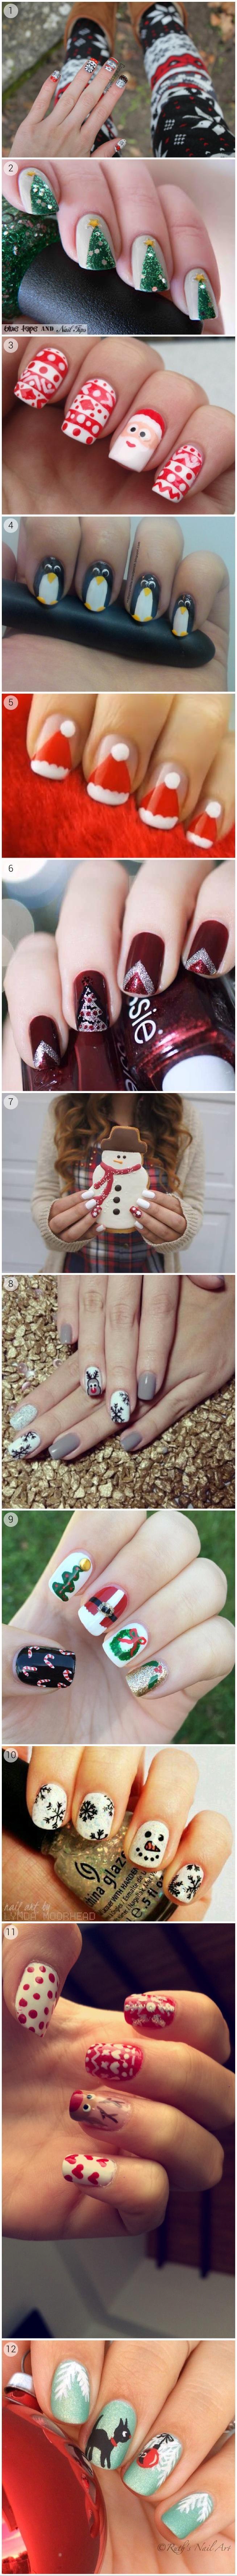 swiateczne paznokcie